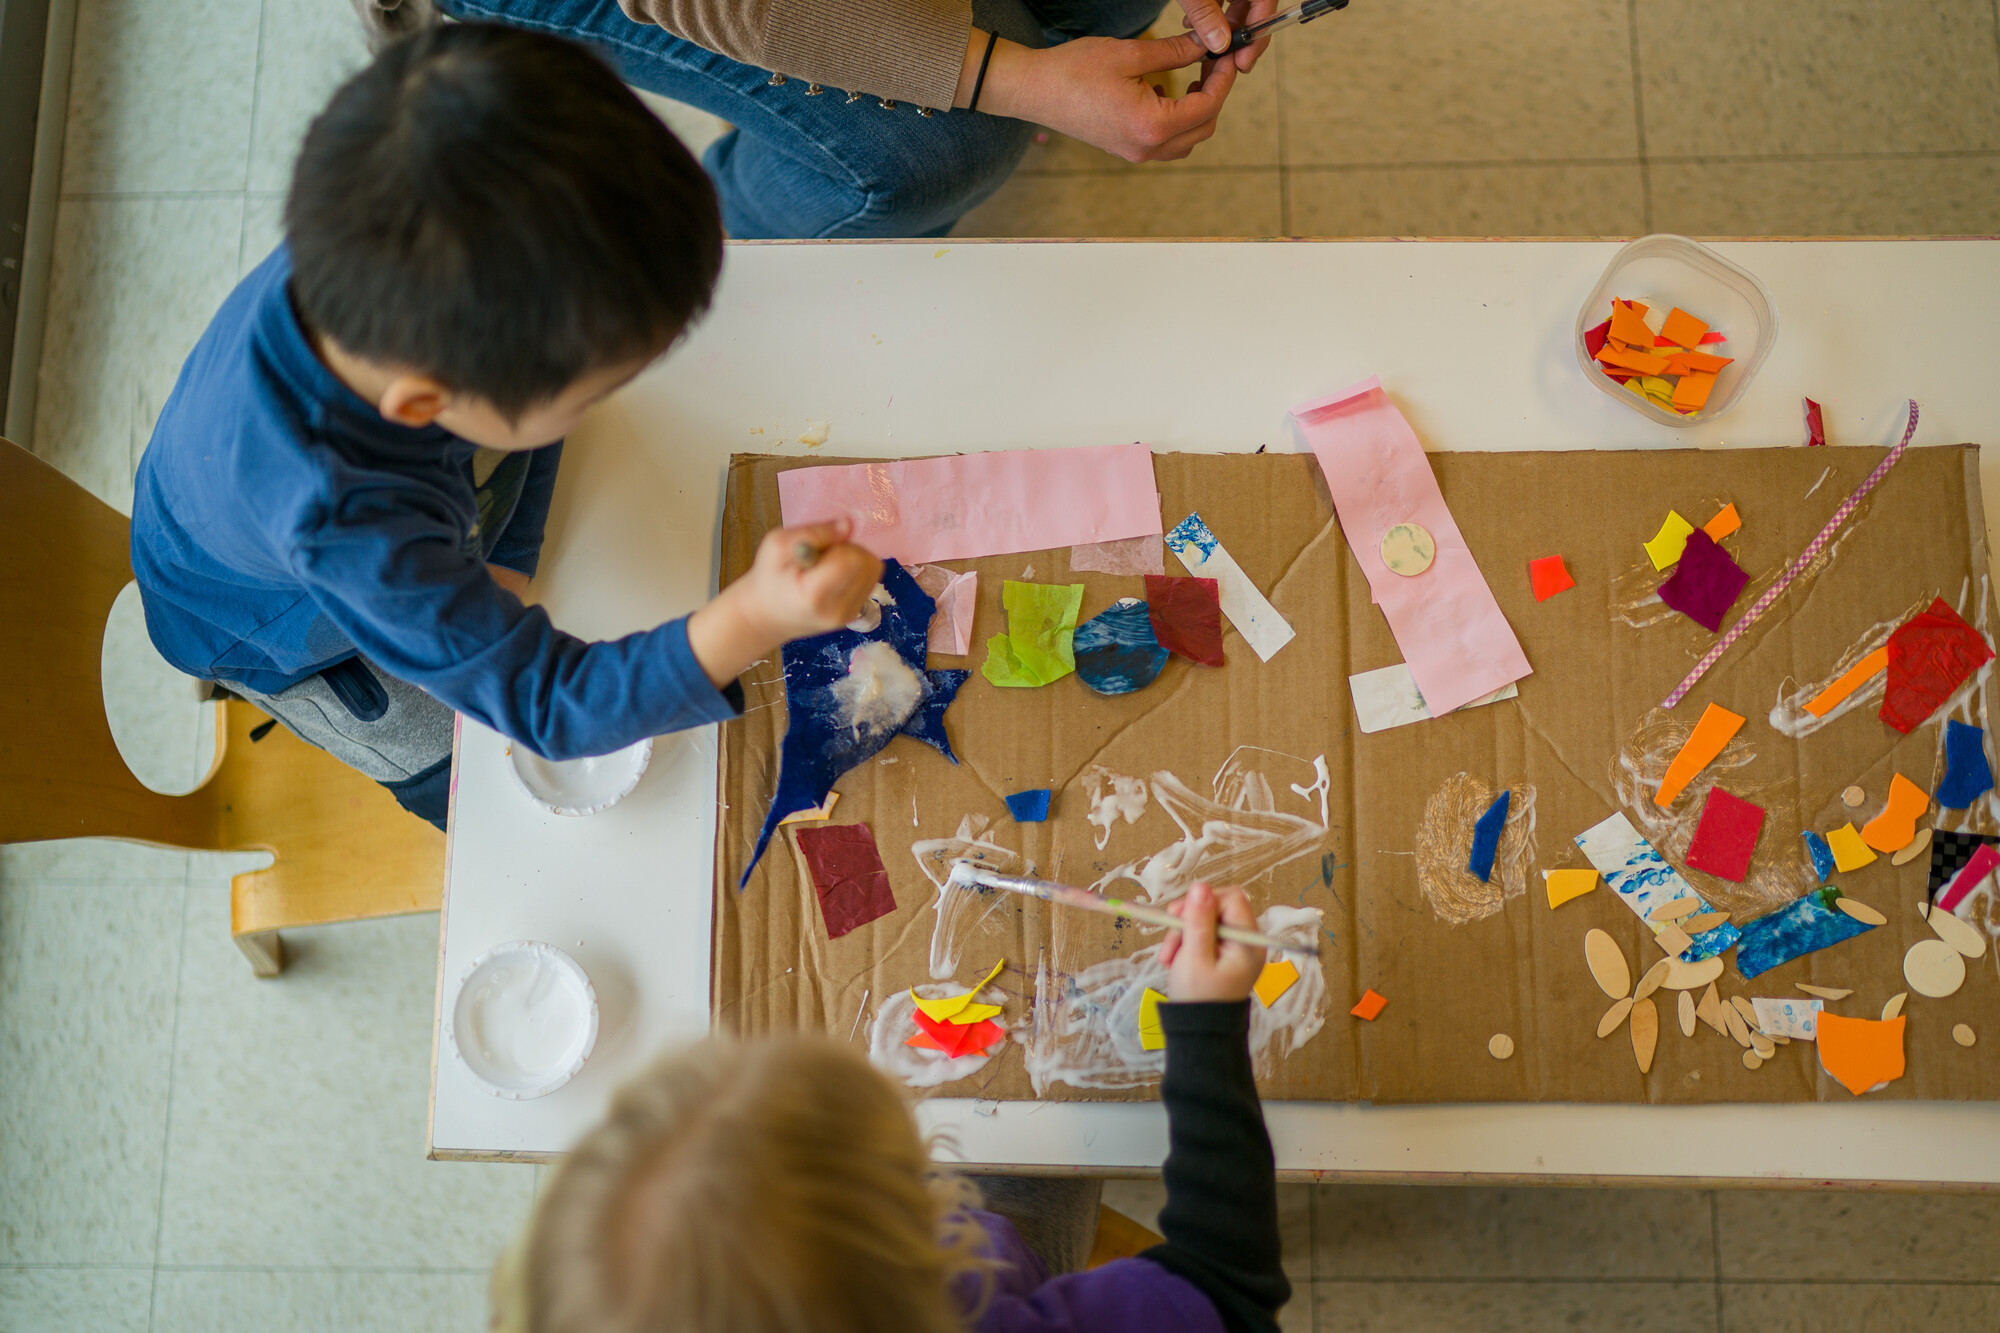 Children making art at CSDC